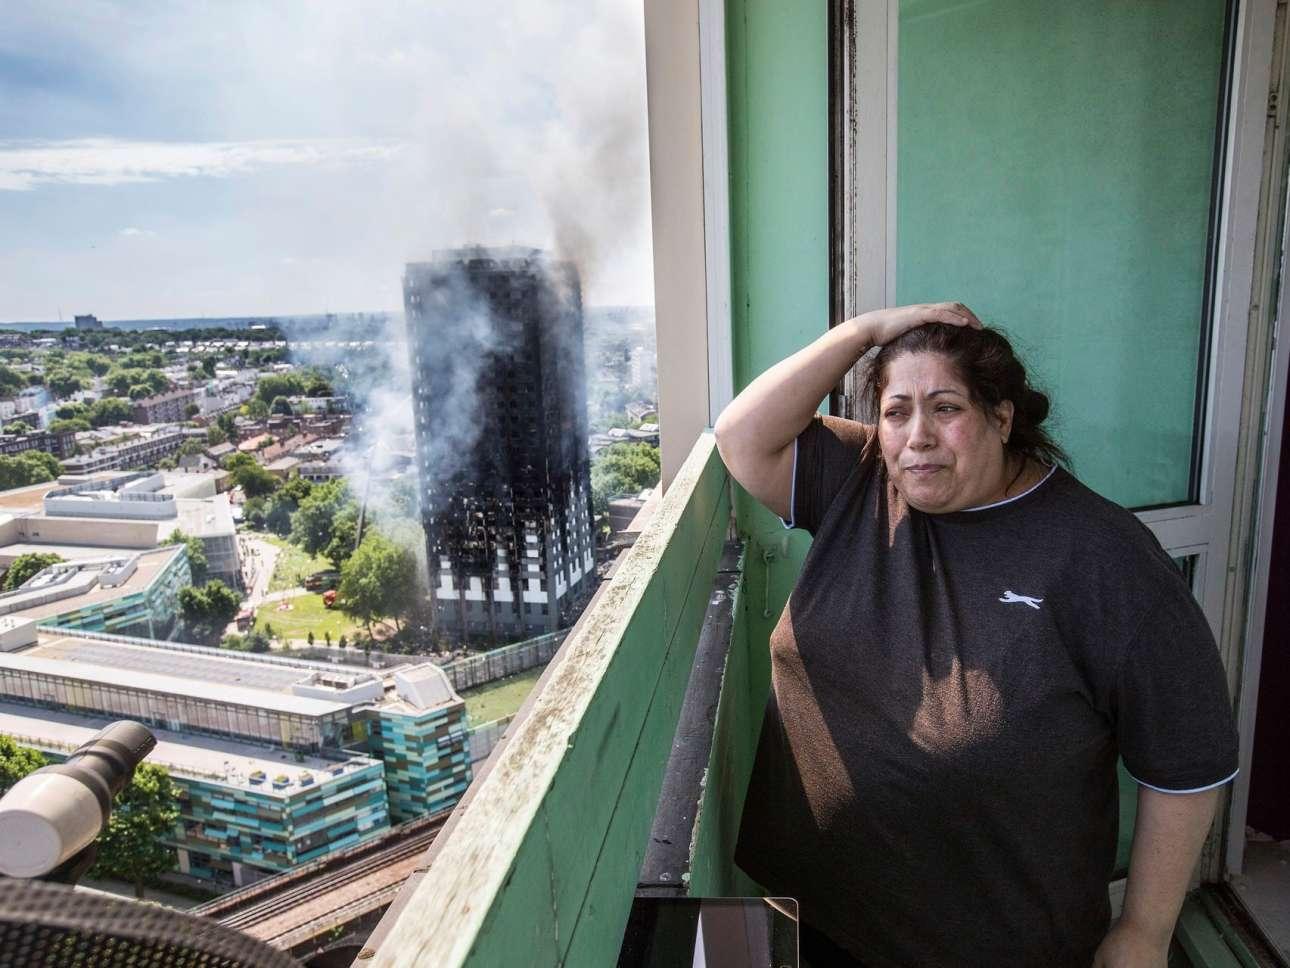 Πρώην ένοικος του Γκρένφελ, η Τζοτζίνα Αγκουίρε στέκεται απελπισμένη στο μπαλκόνι ενός κοντινού κτιρίου, με φόντο τον καρβουνιασμένο πύργο